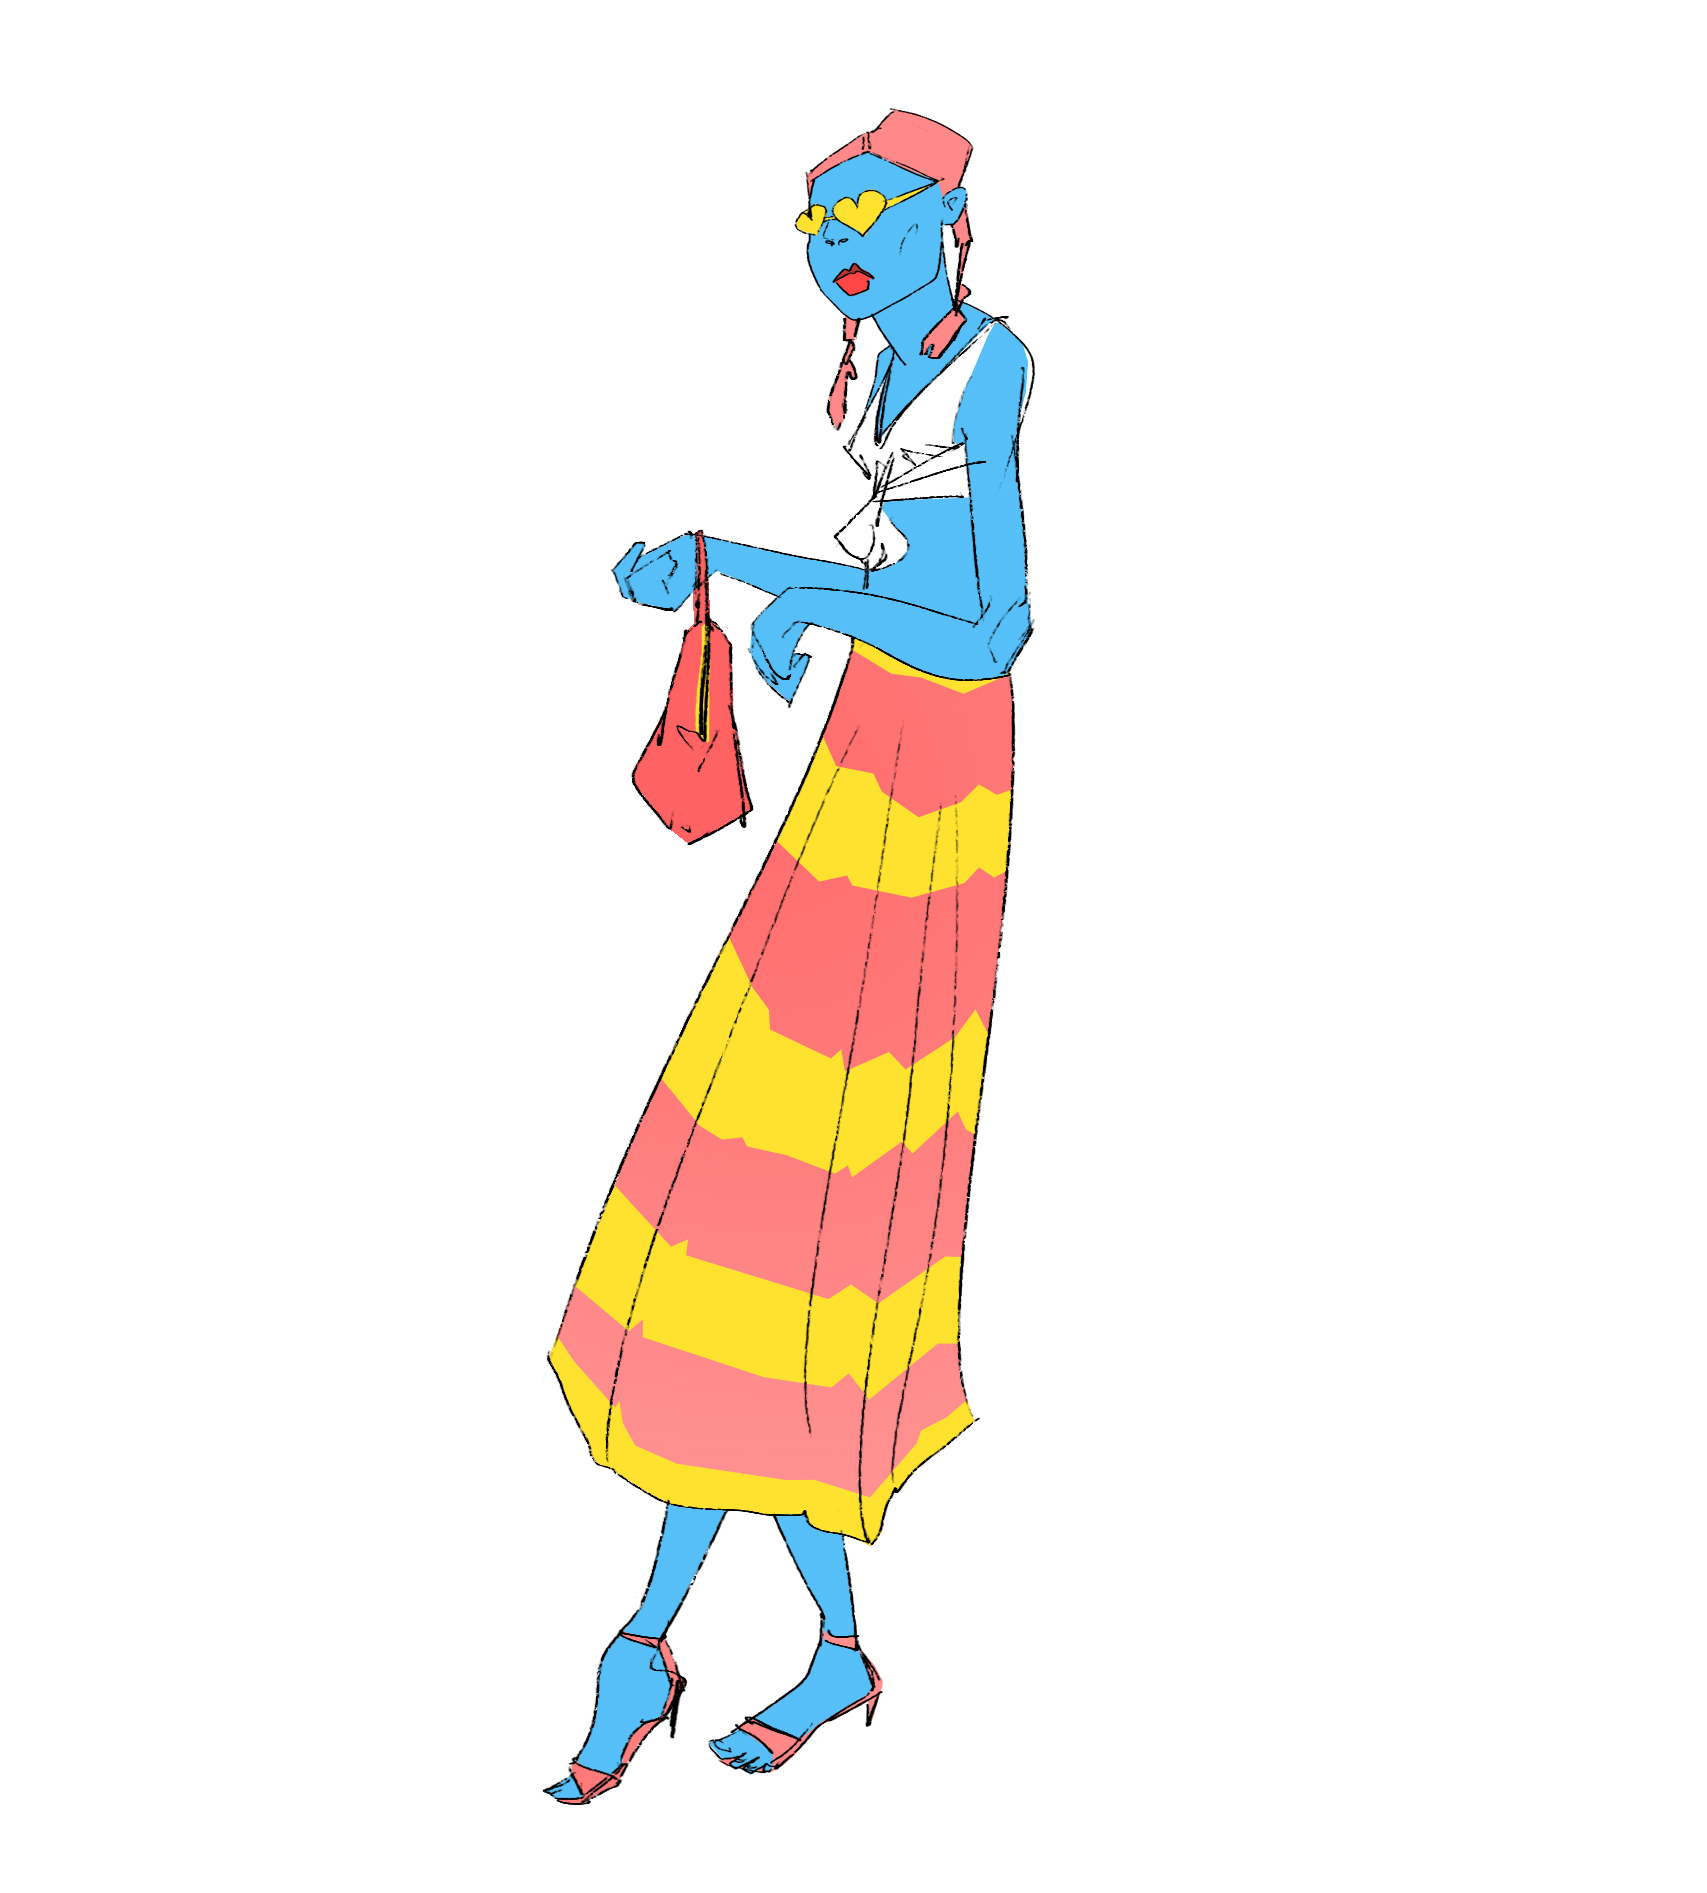 st fashion4.jpg